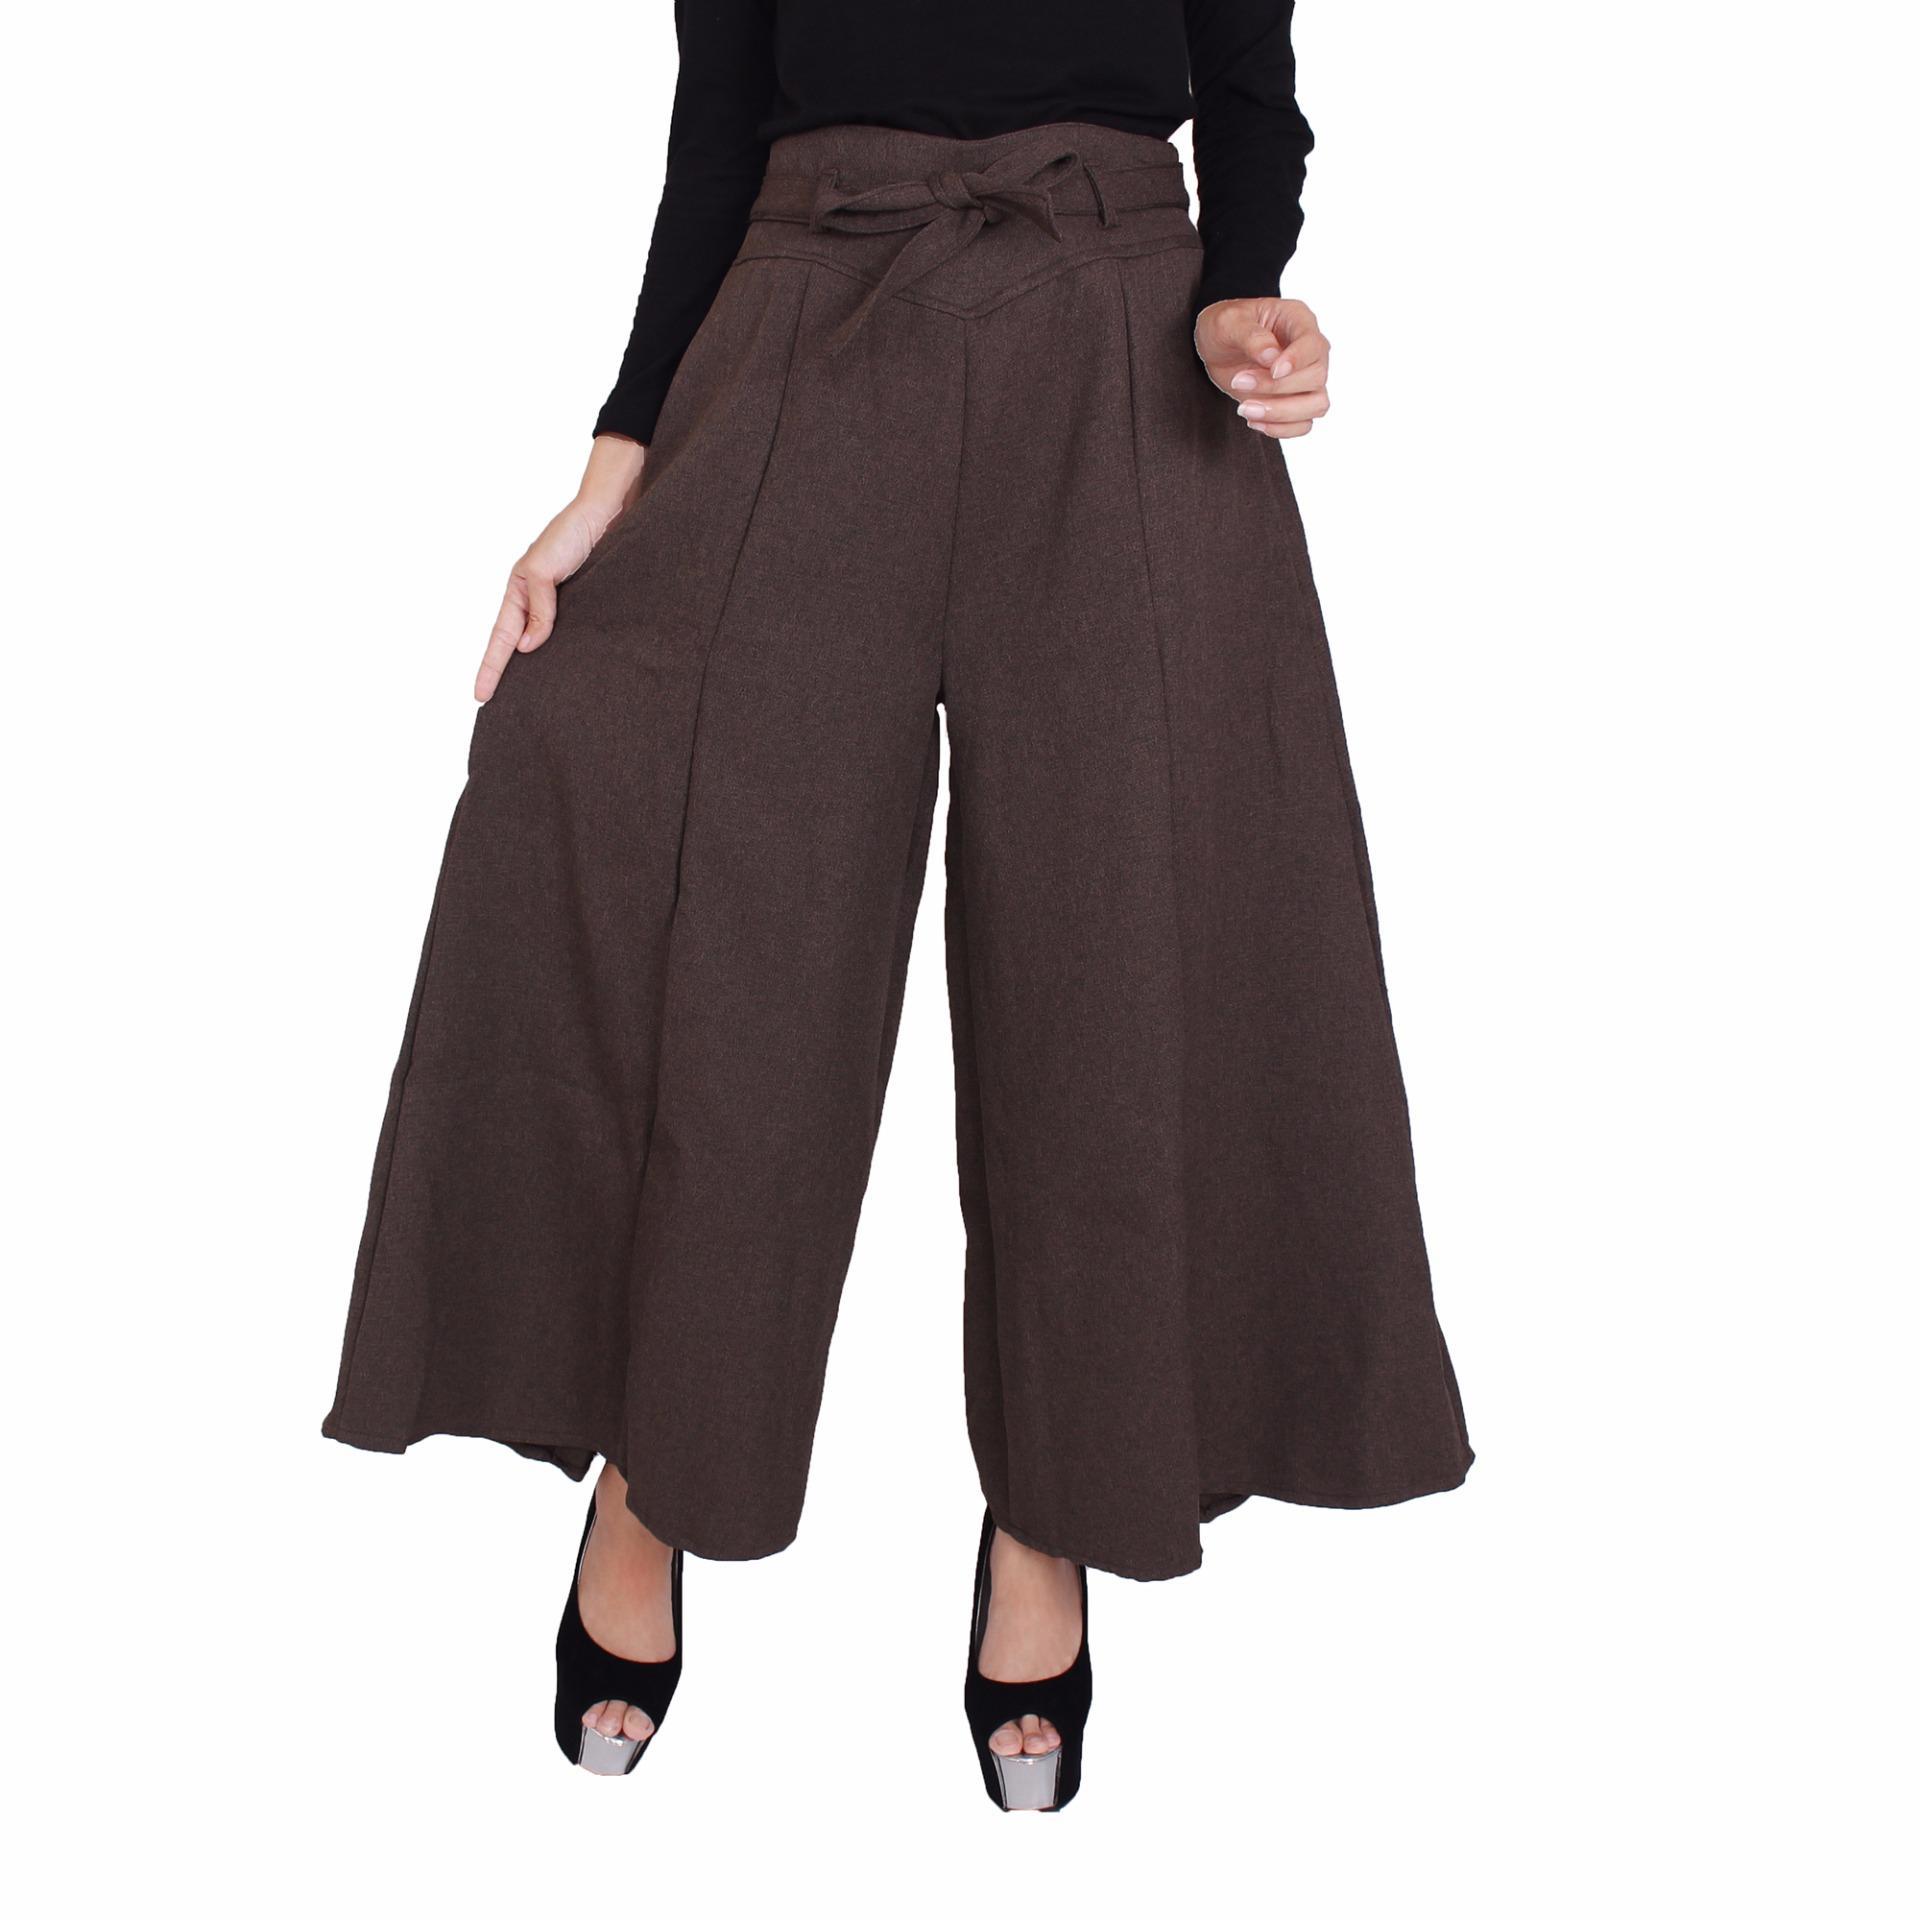 Toko Haymeestore Celana Kulot Kantor Panjang Wanita Celana Cullot Kantor Wanita Kantor Casual Fashion Lengkap Di Banten